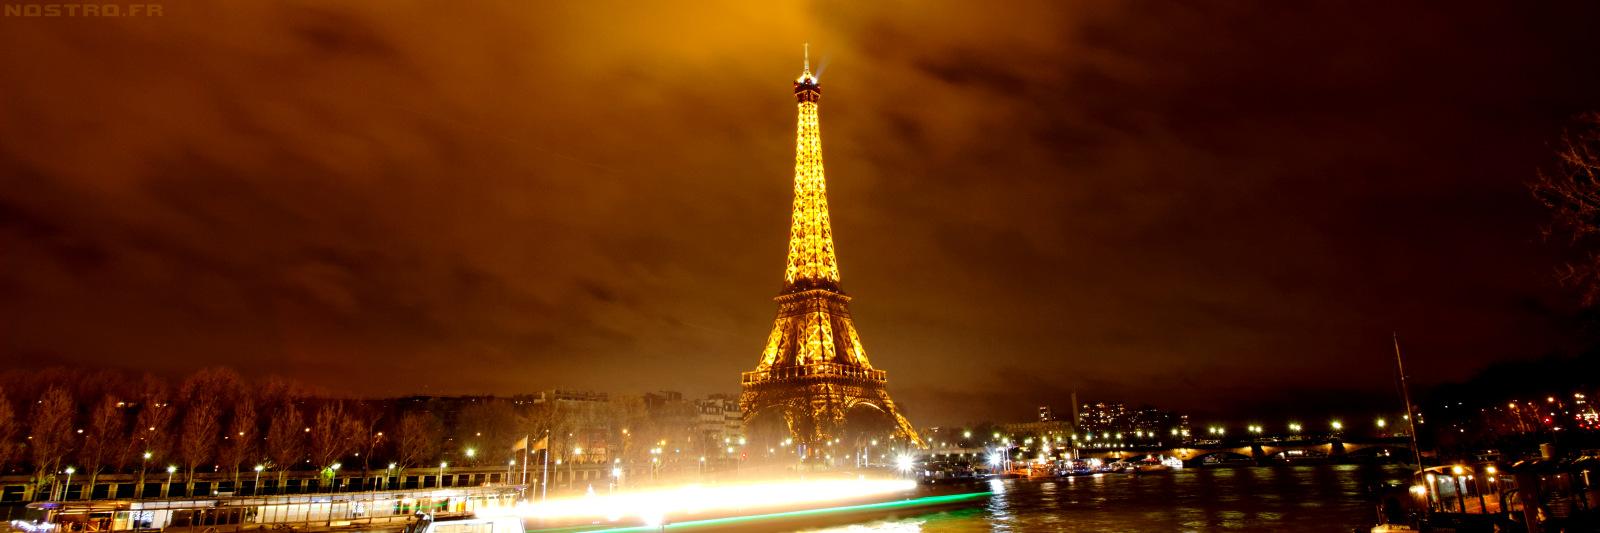 R veillon nouvel an paris soir e jour de l 39 an paris california avenue - Reveillon original paris ...